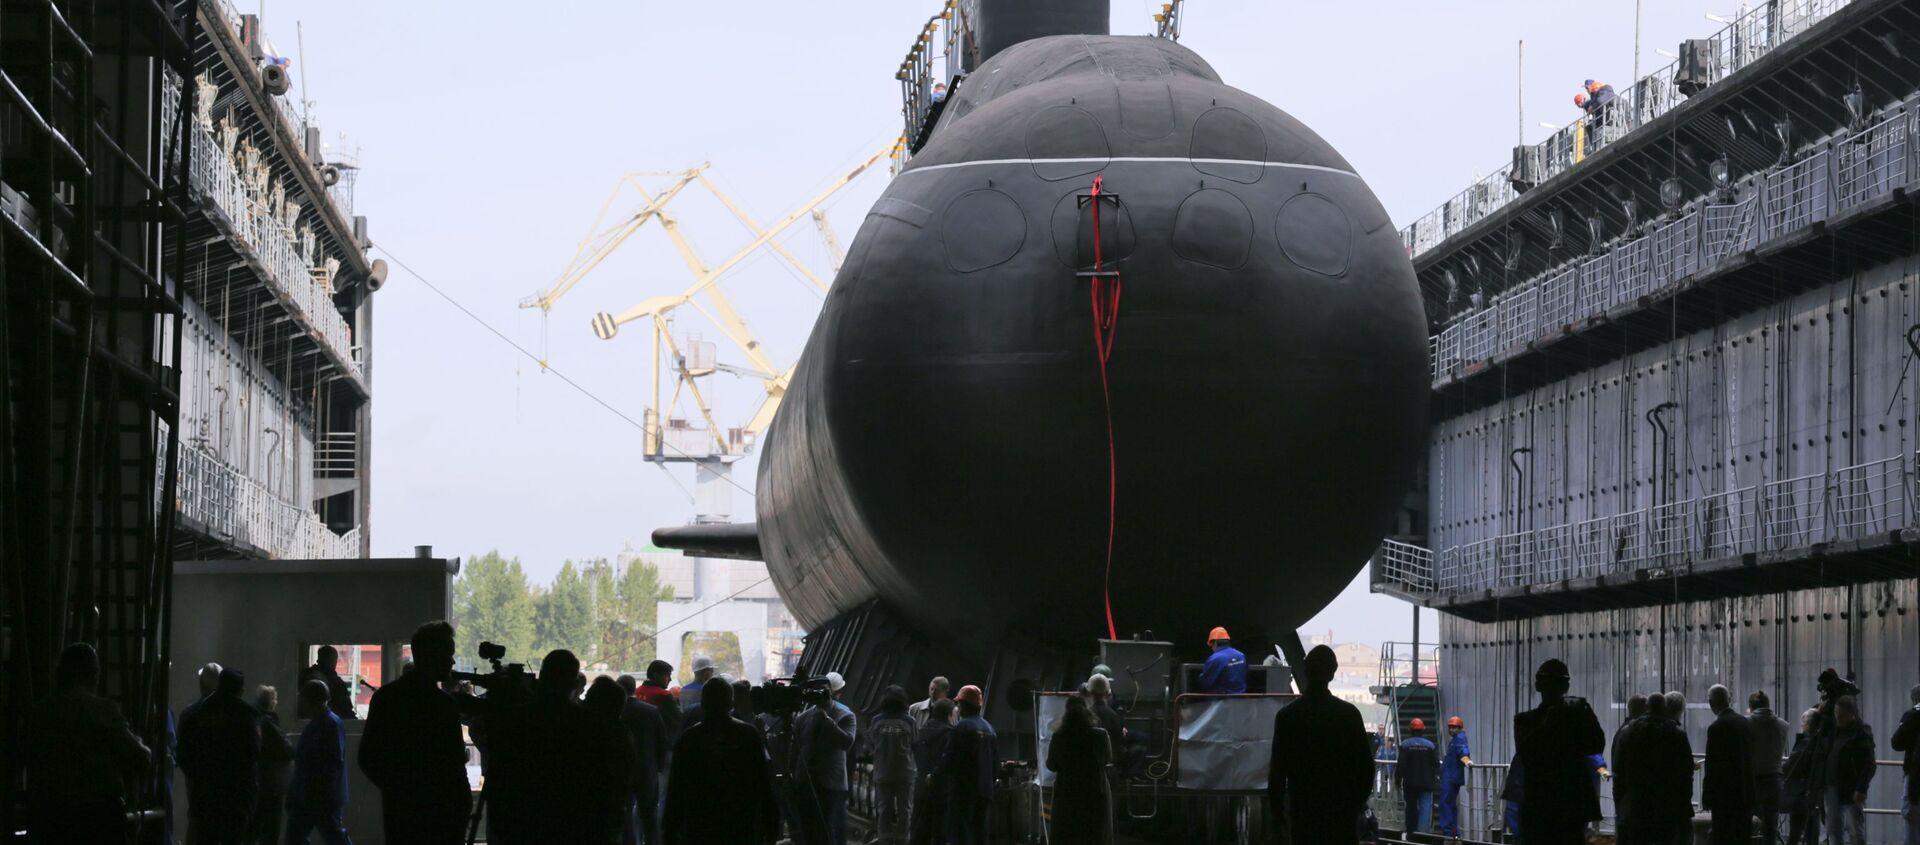 Торжественная церемония спуска на воду дизель-электрической подводной лодки Кронштадт проекта 677 Лада в Санкт-Петербурге - Sputnik Italia, 1920, 14.05.2021